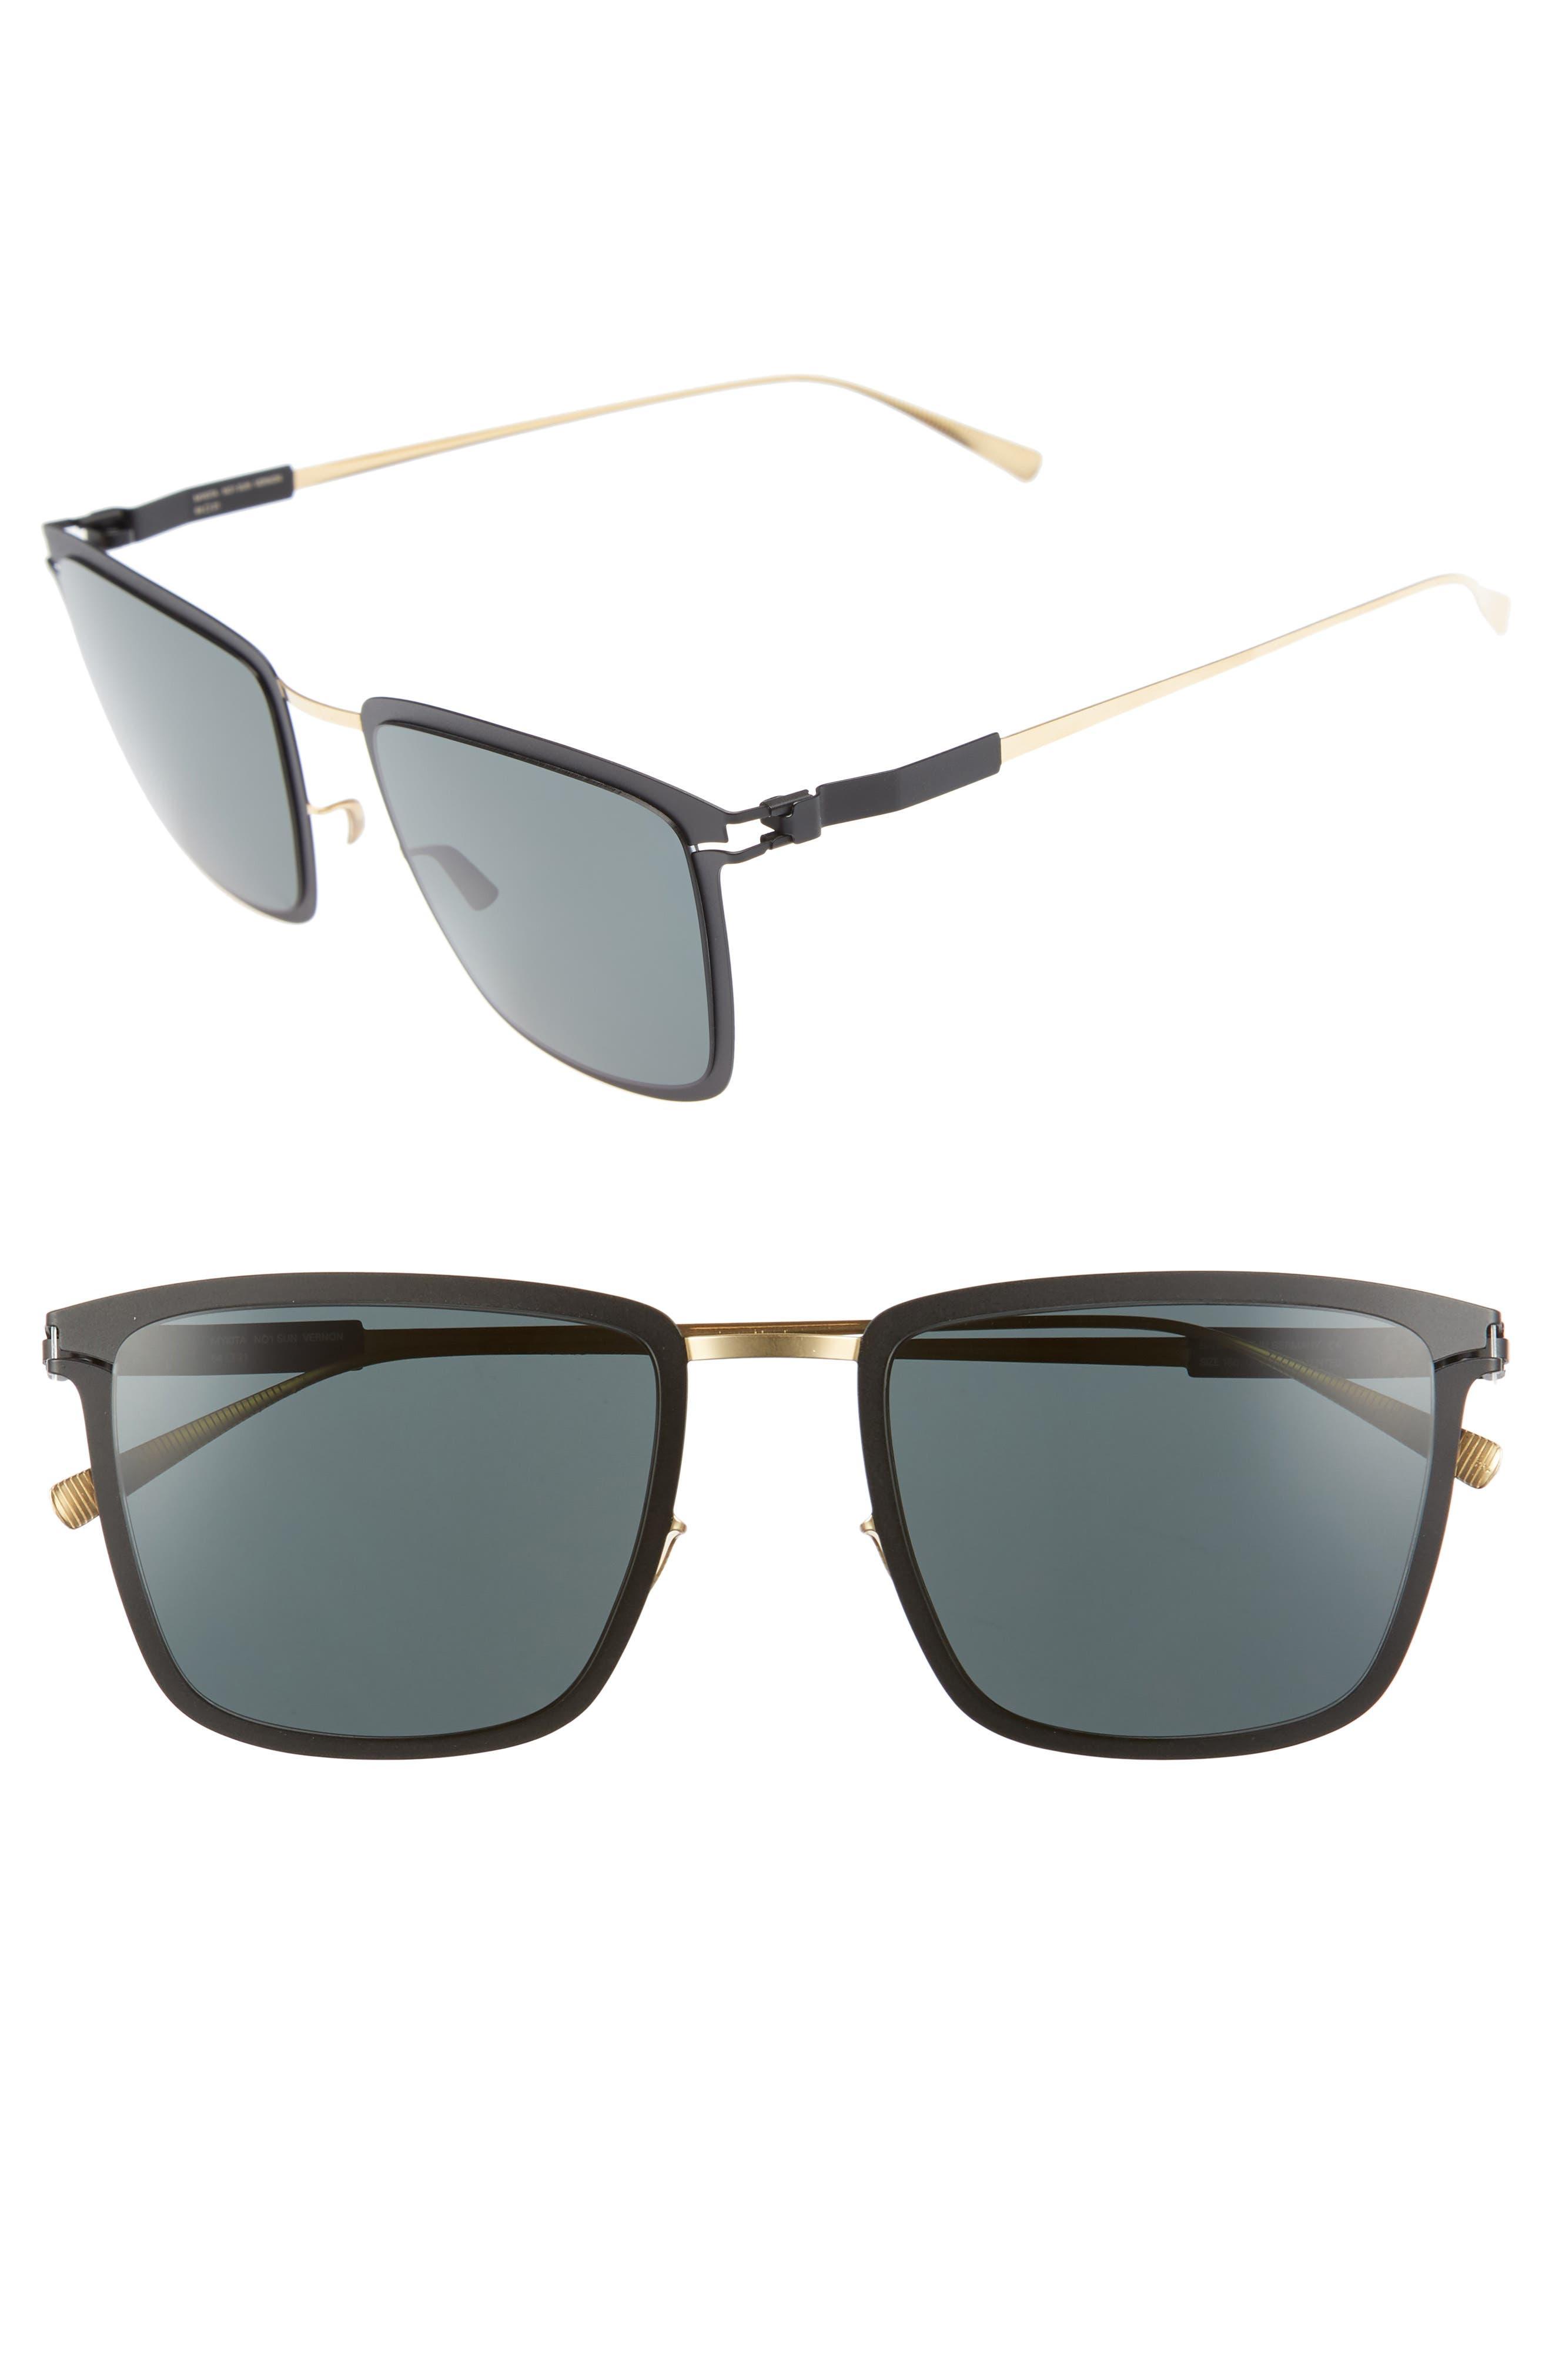 Vernon 54mm Polarized Sunglasses,                         Main,                         color, Gold/ Black